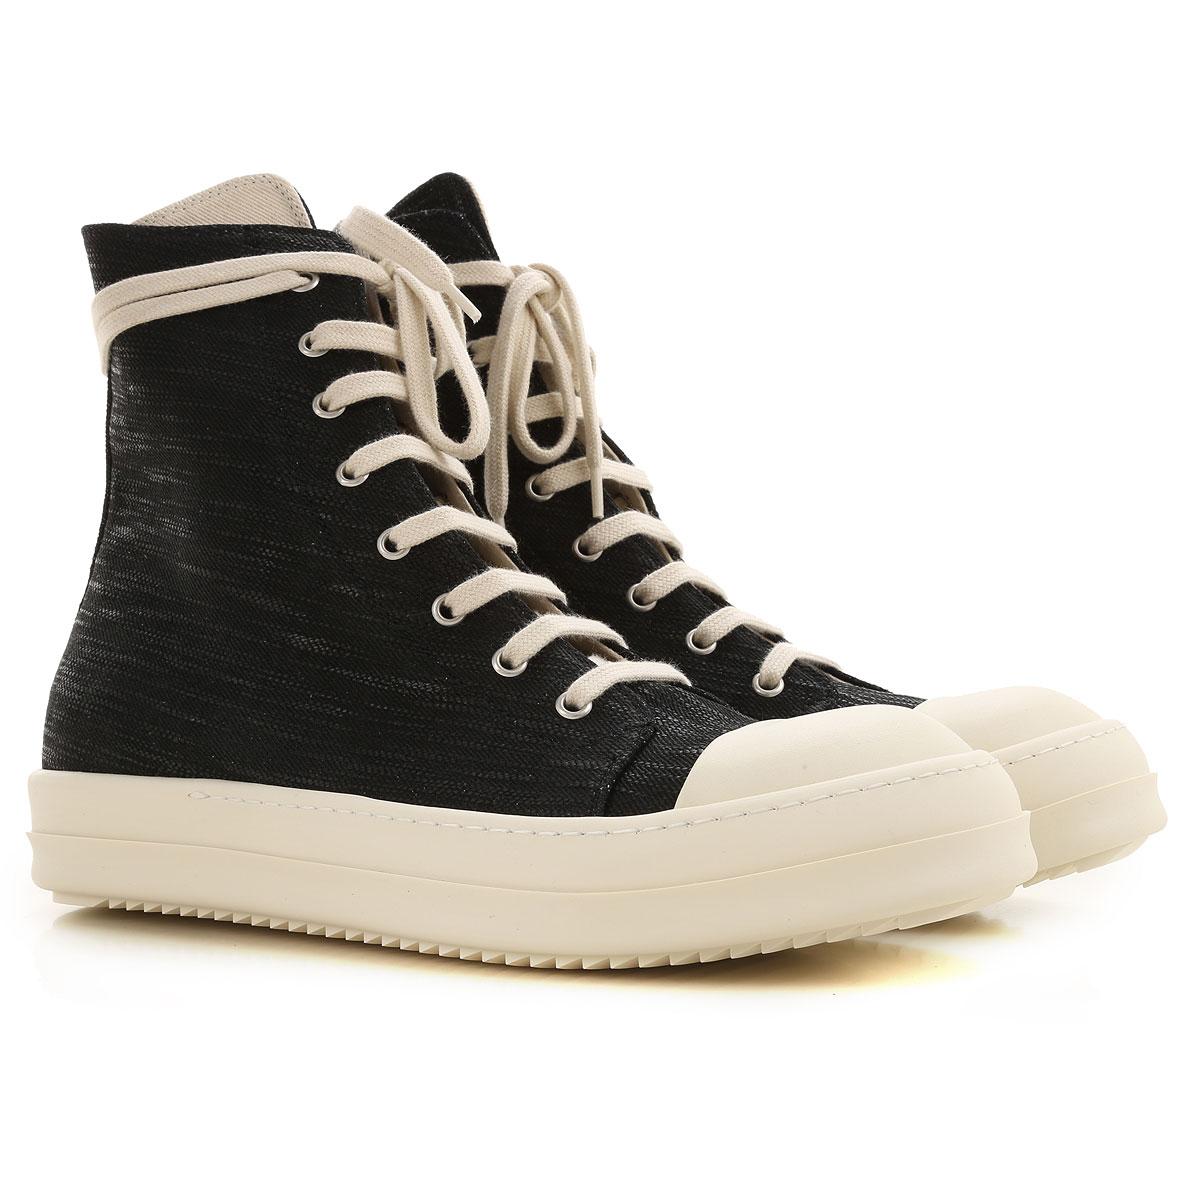 Rick Owens DRKSHDW Sneakers for Men On Sale, Black, poliammide, 2019, 11.5 7.5 8